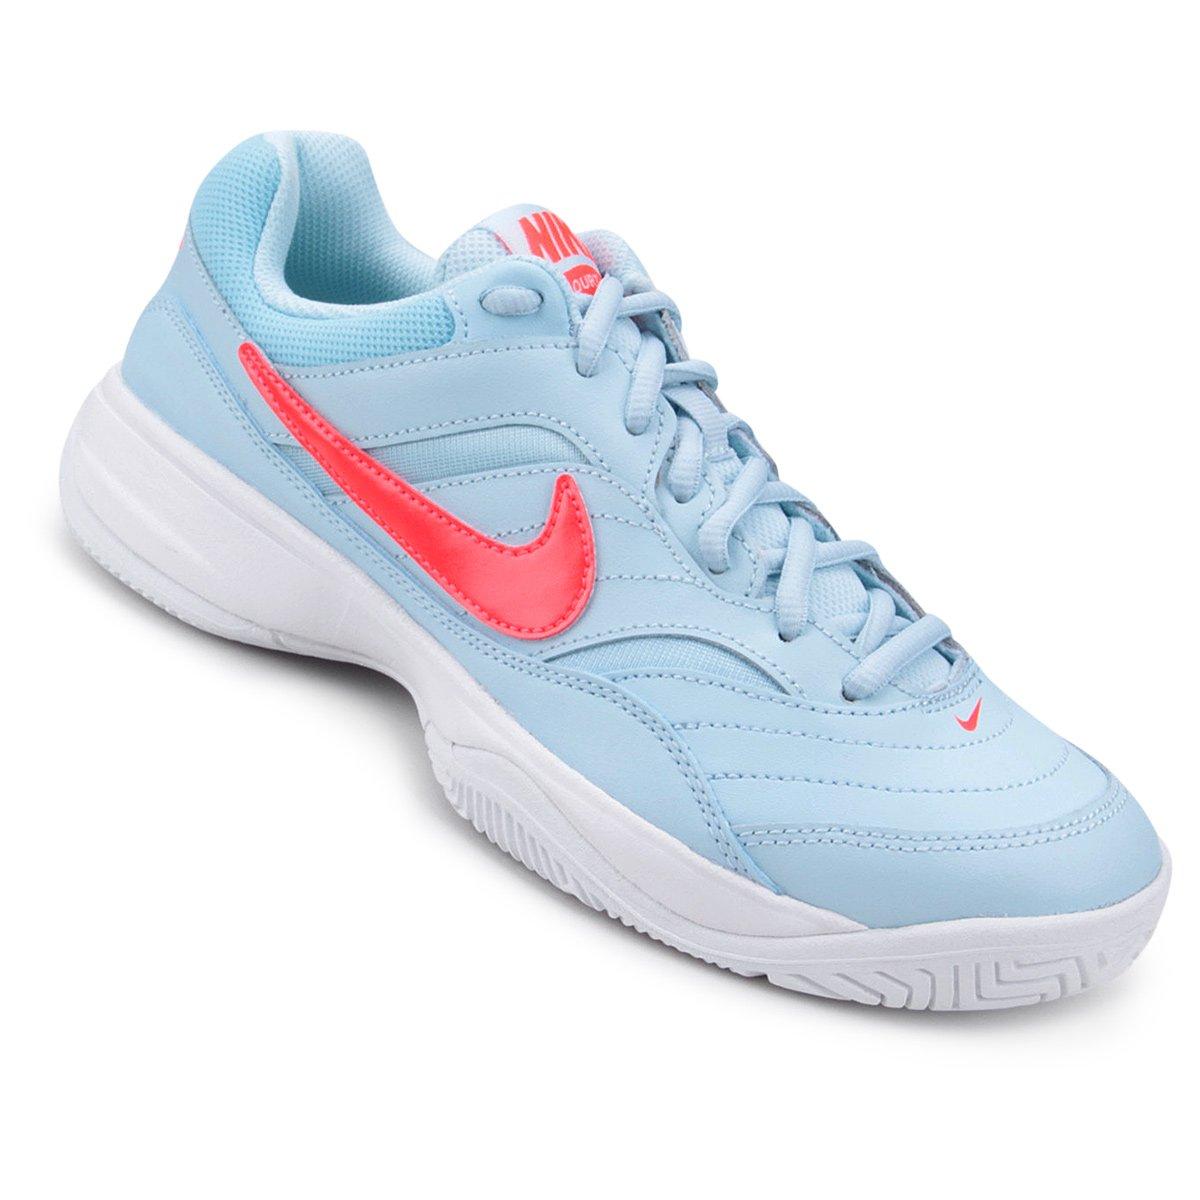 27d70fa8921 Tênis Nike Wmns Nike Court Lite Feminino - Azul e Rosa - Compre Agora